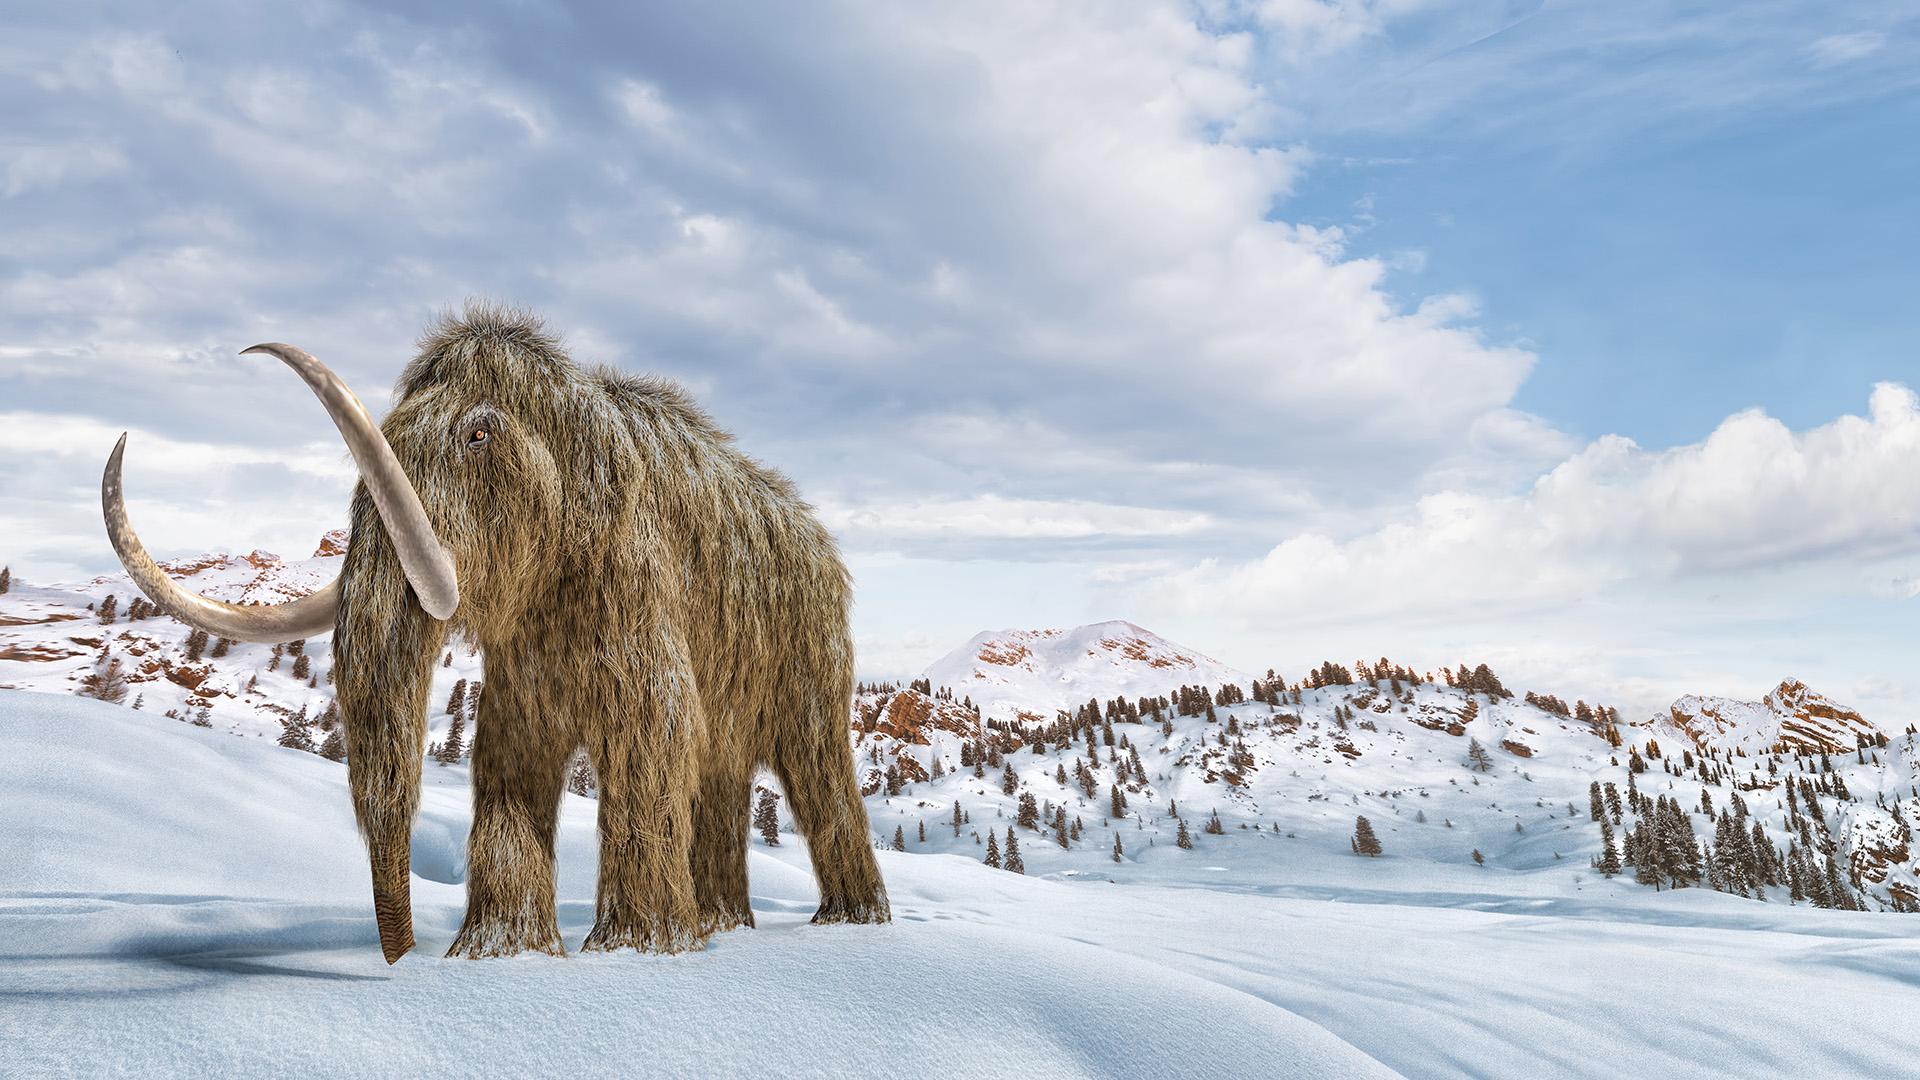 Egy mamut maradványait találták meg magyar régészek Ausztriában